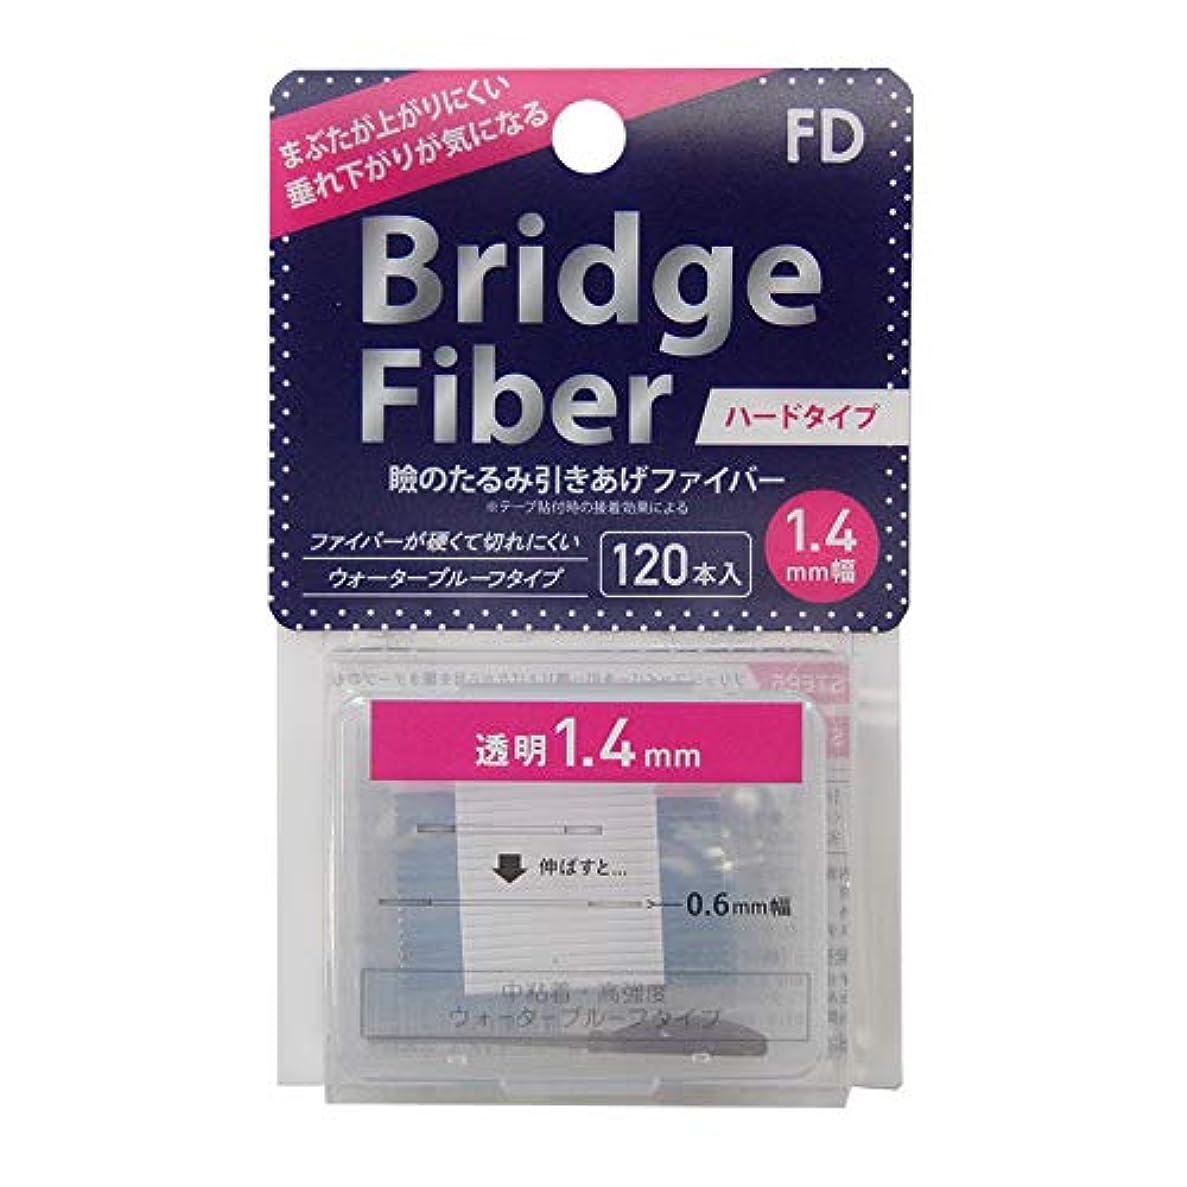 教える博覧会商業のFD ブリッジハードファイバー 眼瞼下垂防止テープ ハードタイプ 透明1.4mm幅 120本入り